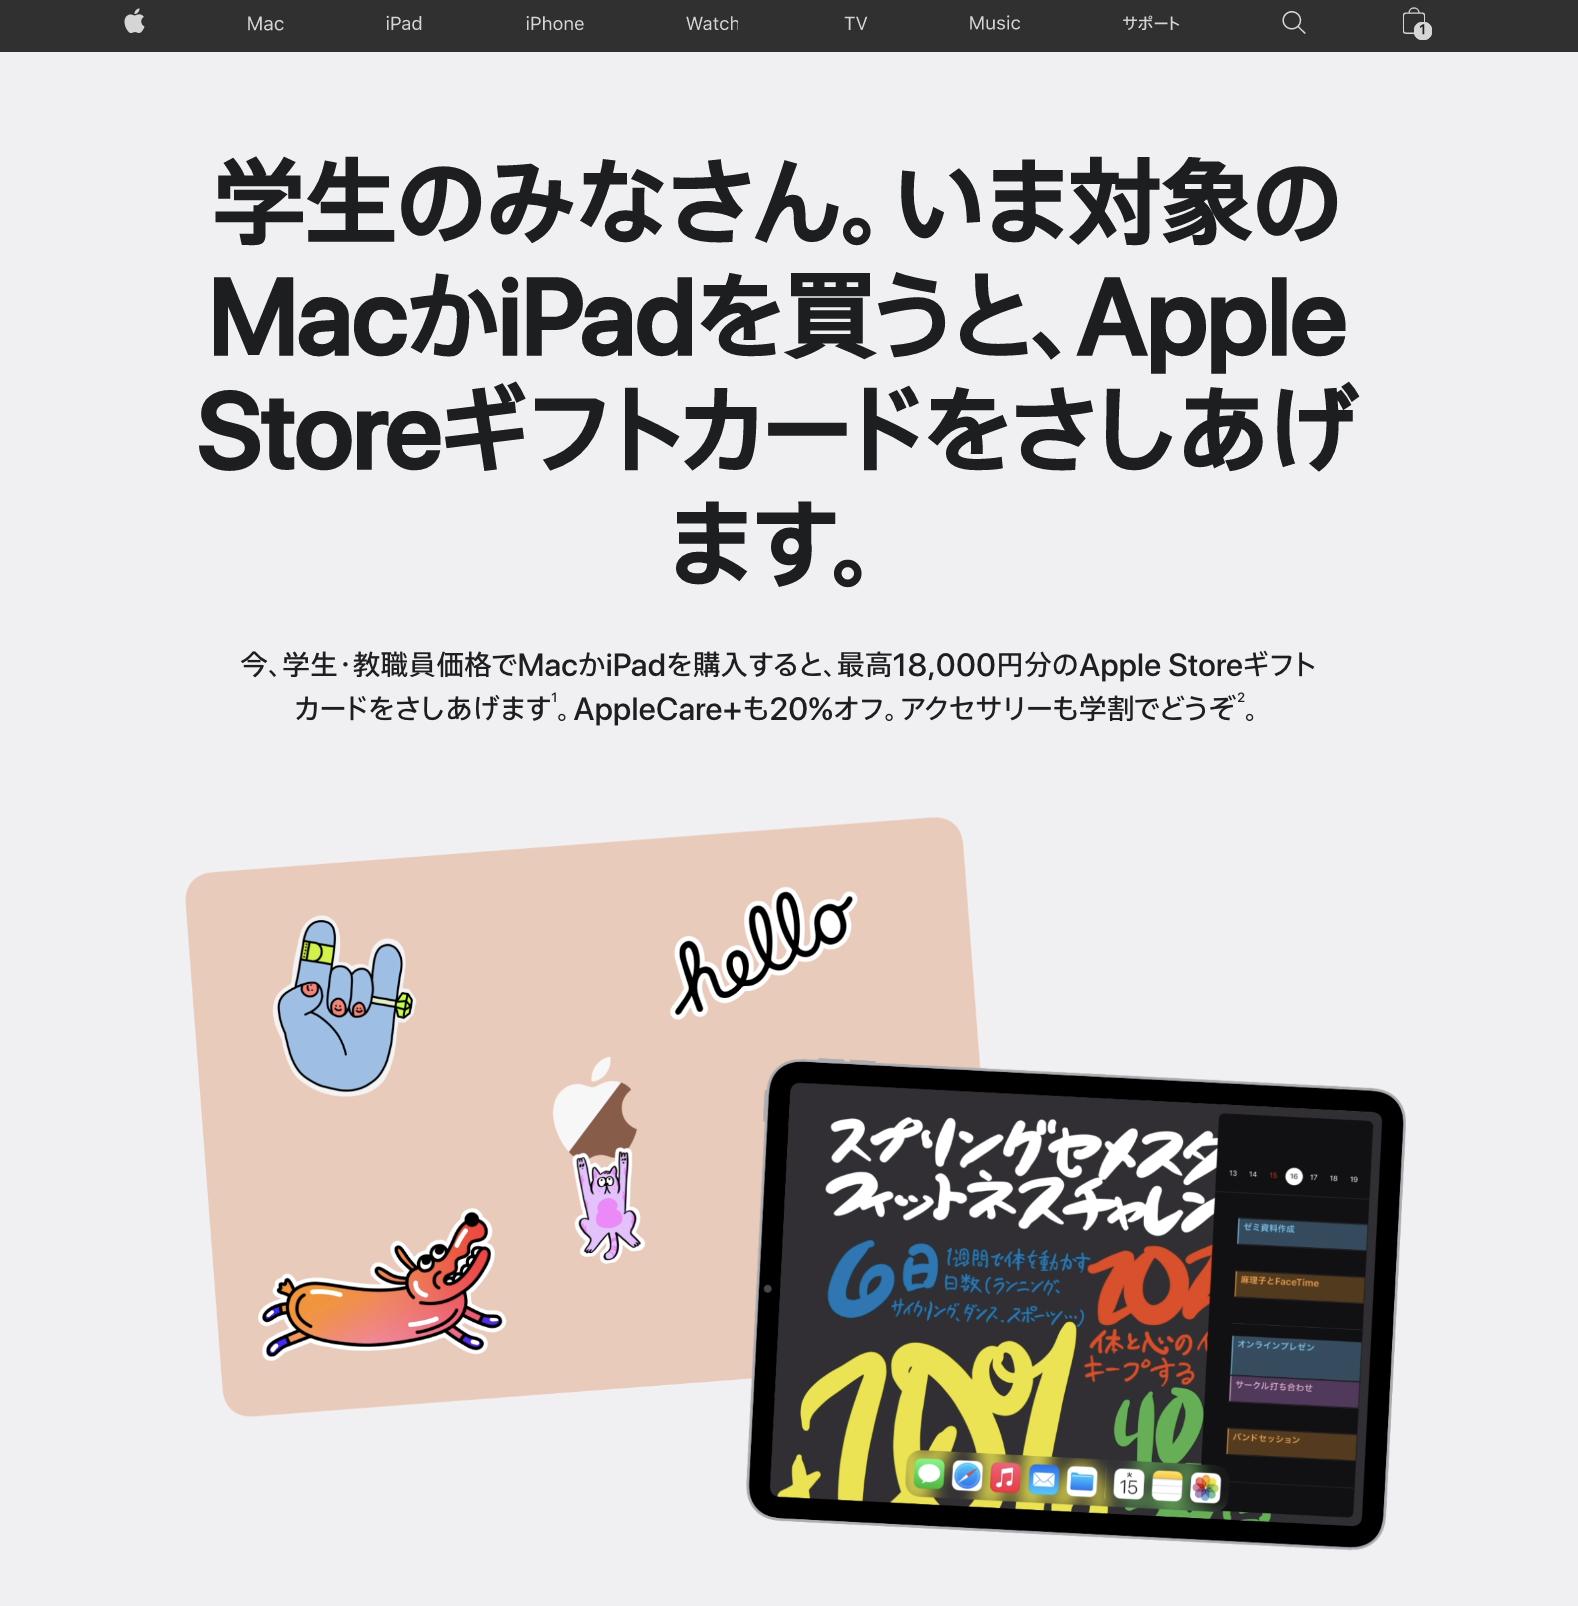 Appleの学割でiPadをおトクに購入できる!学割の条件・割引額・注意点などをご紹介!